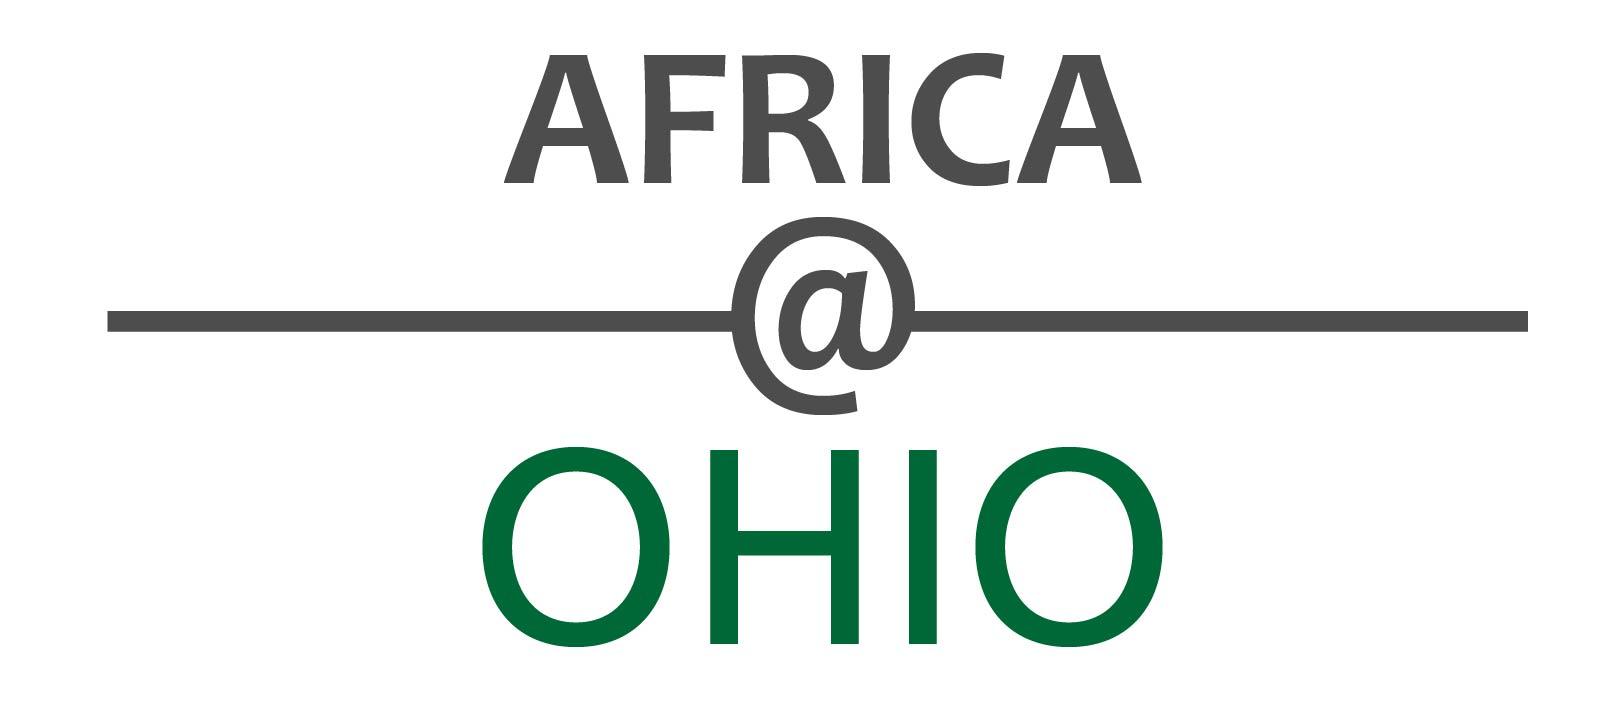 Africa@OHIO